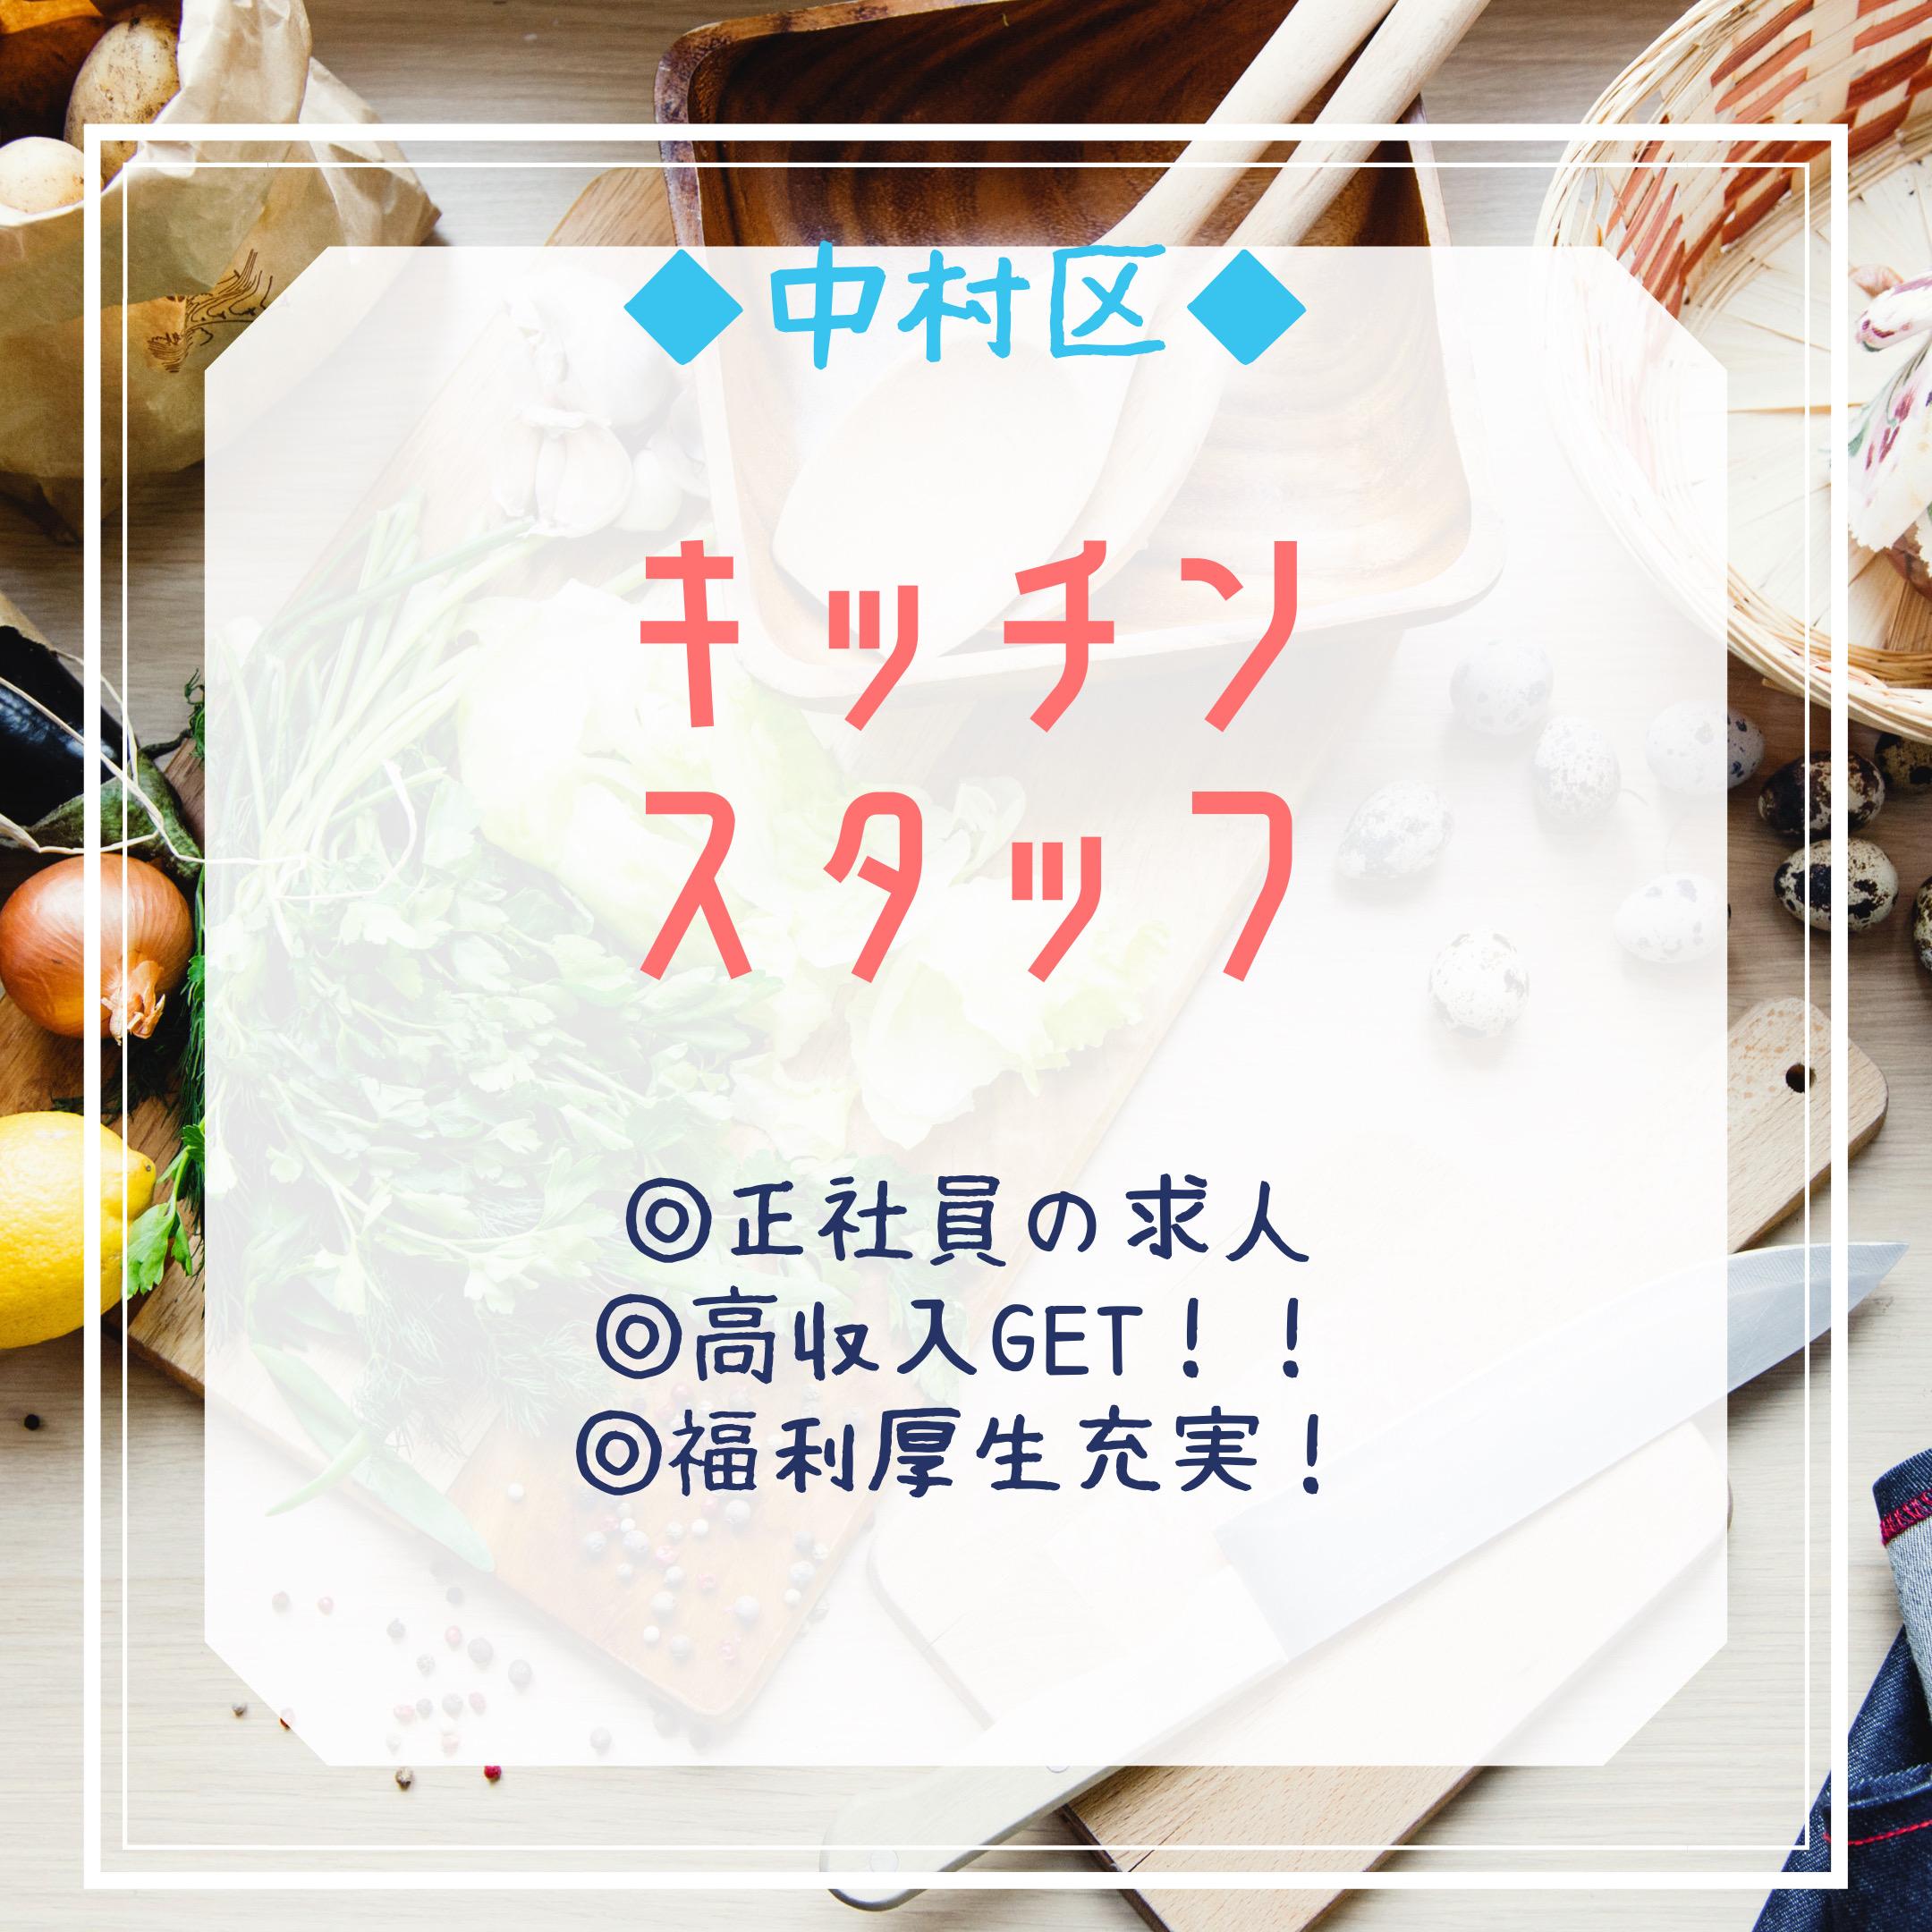 即面談可能【キッチンスタッフ・正社員】仲間と共に仕事をするのが好きな方、求ム!!! イメージ